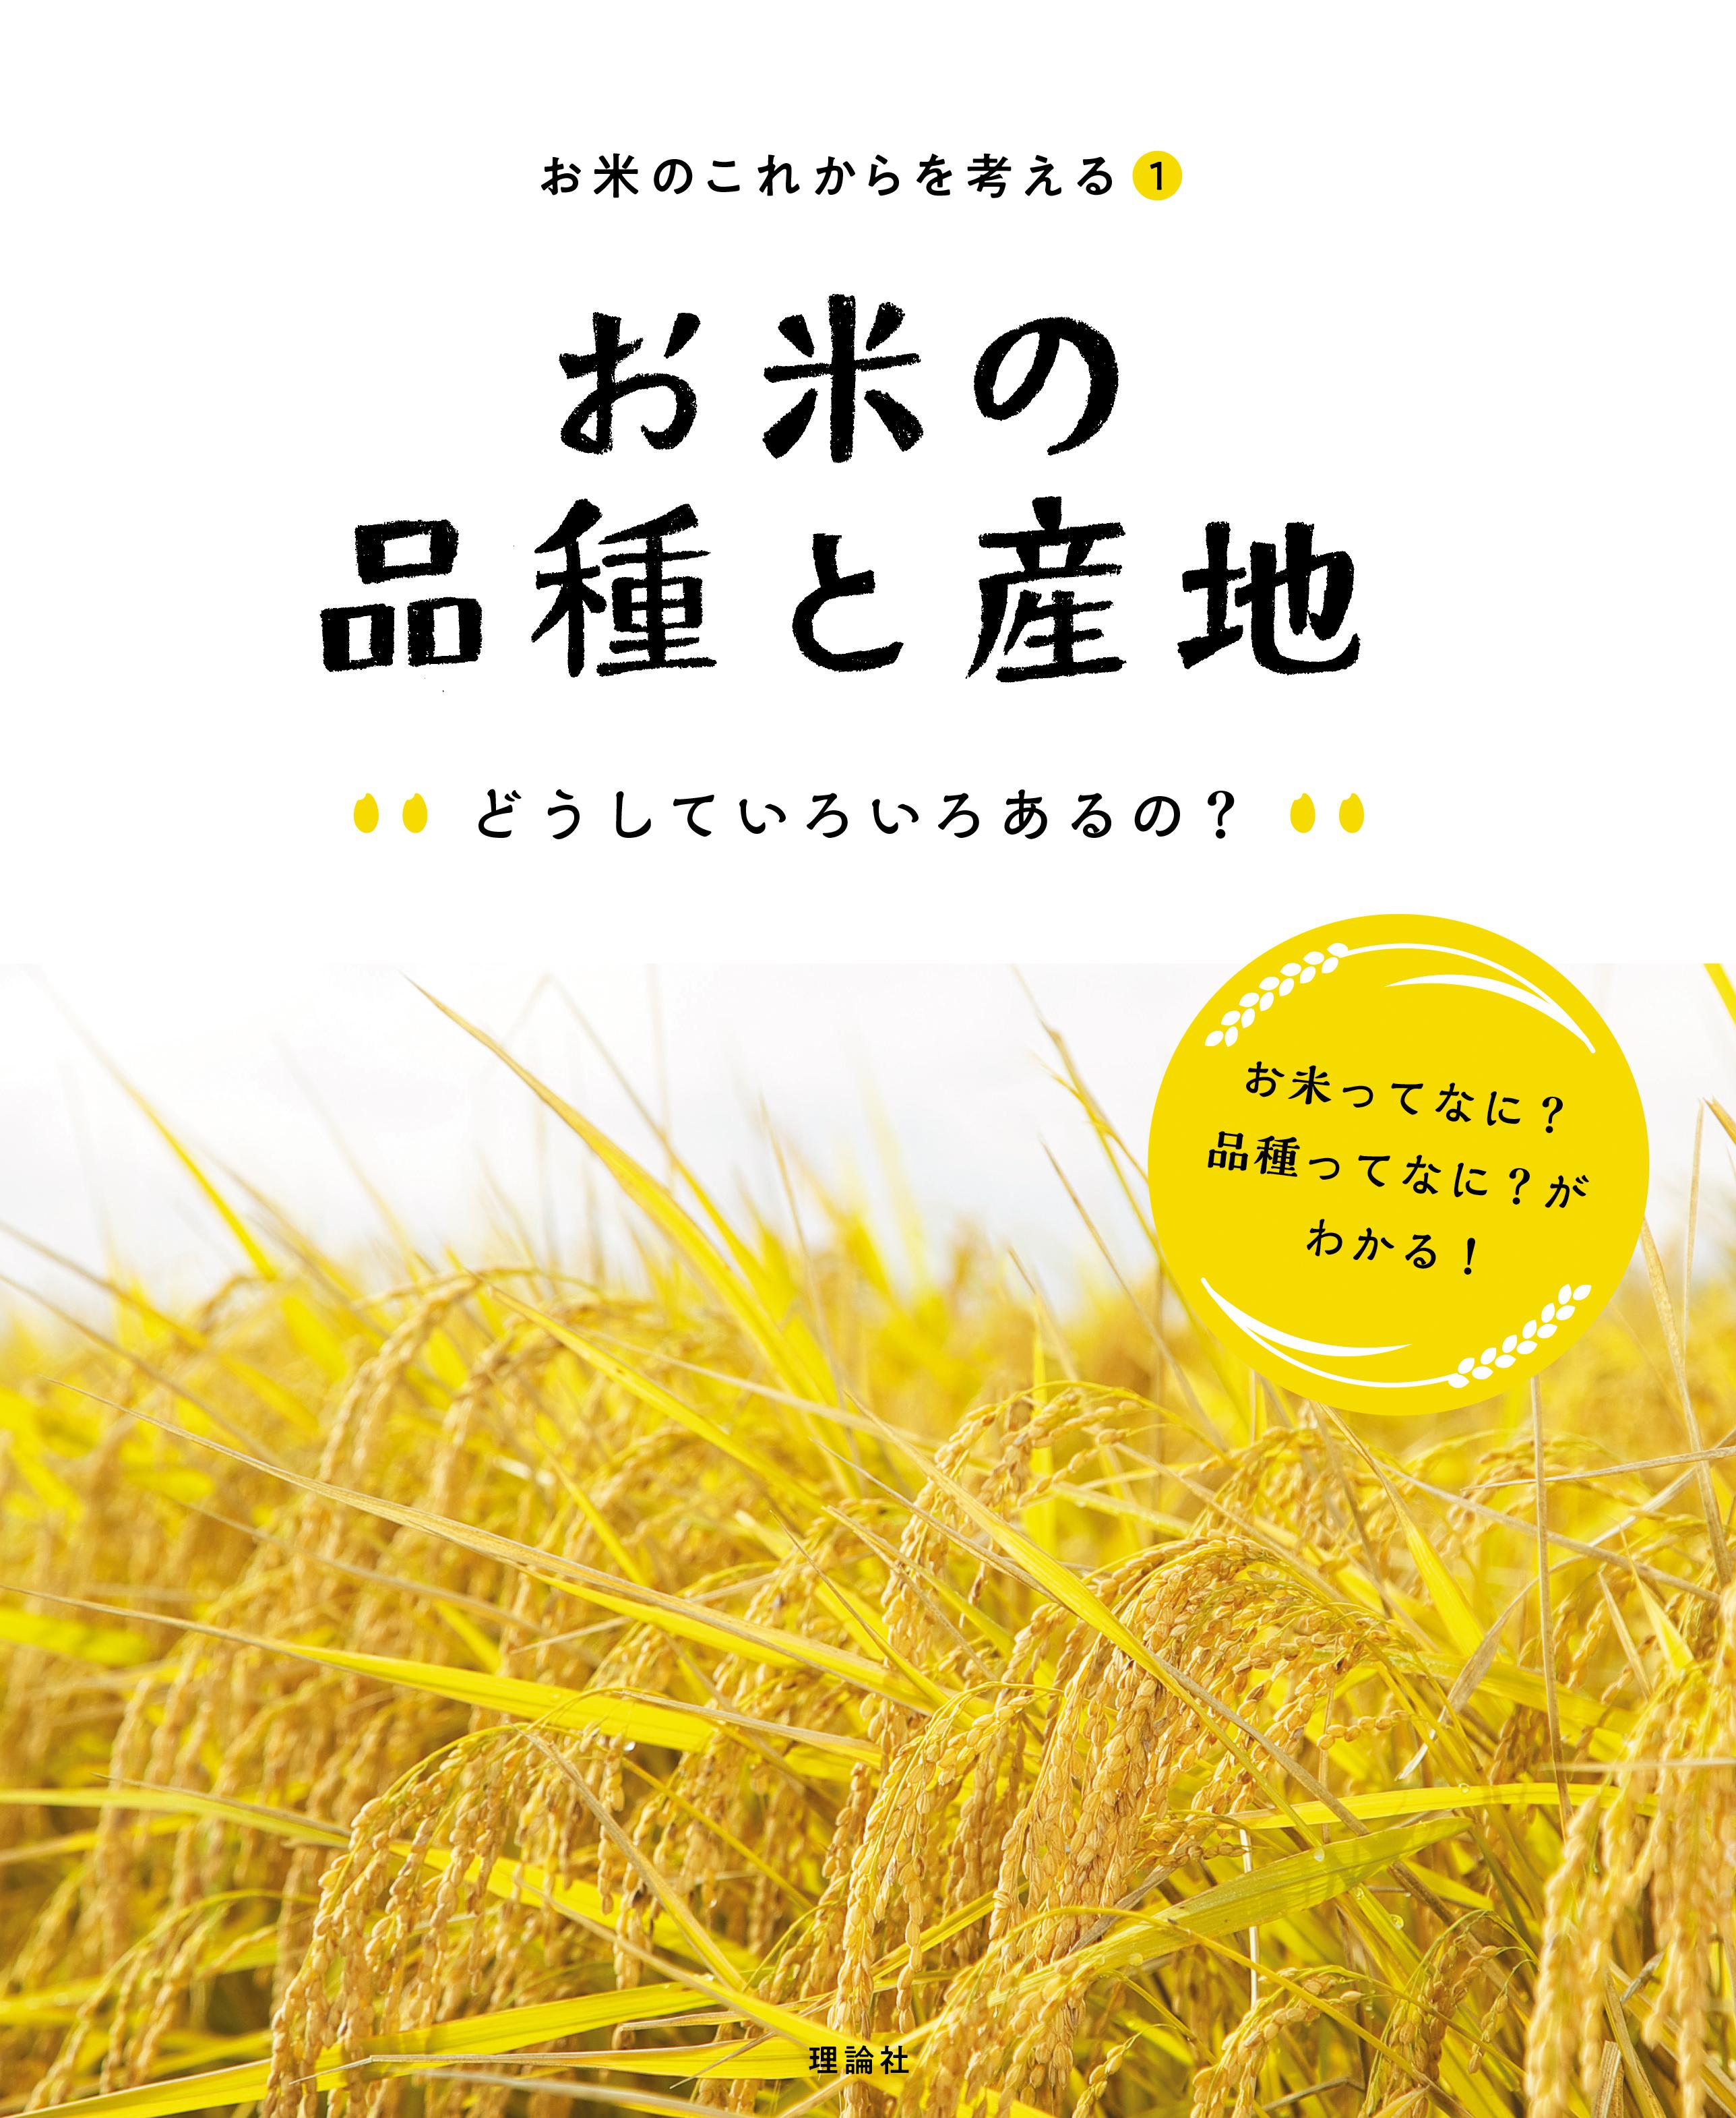 お米の品種と産地 どうしていろいろあるの?